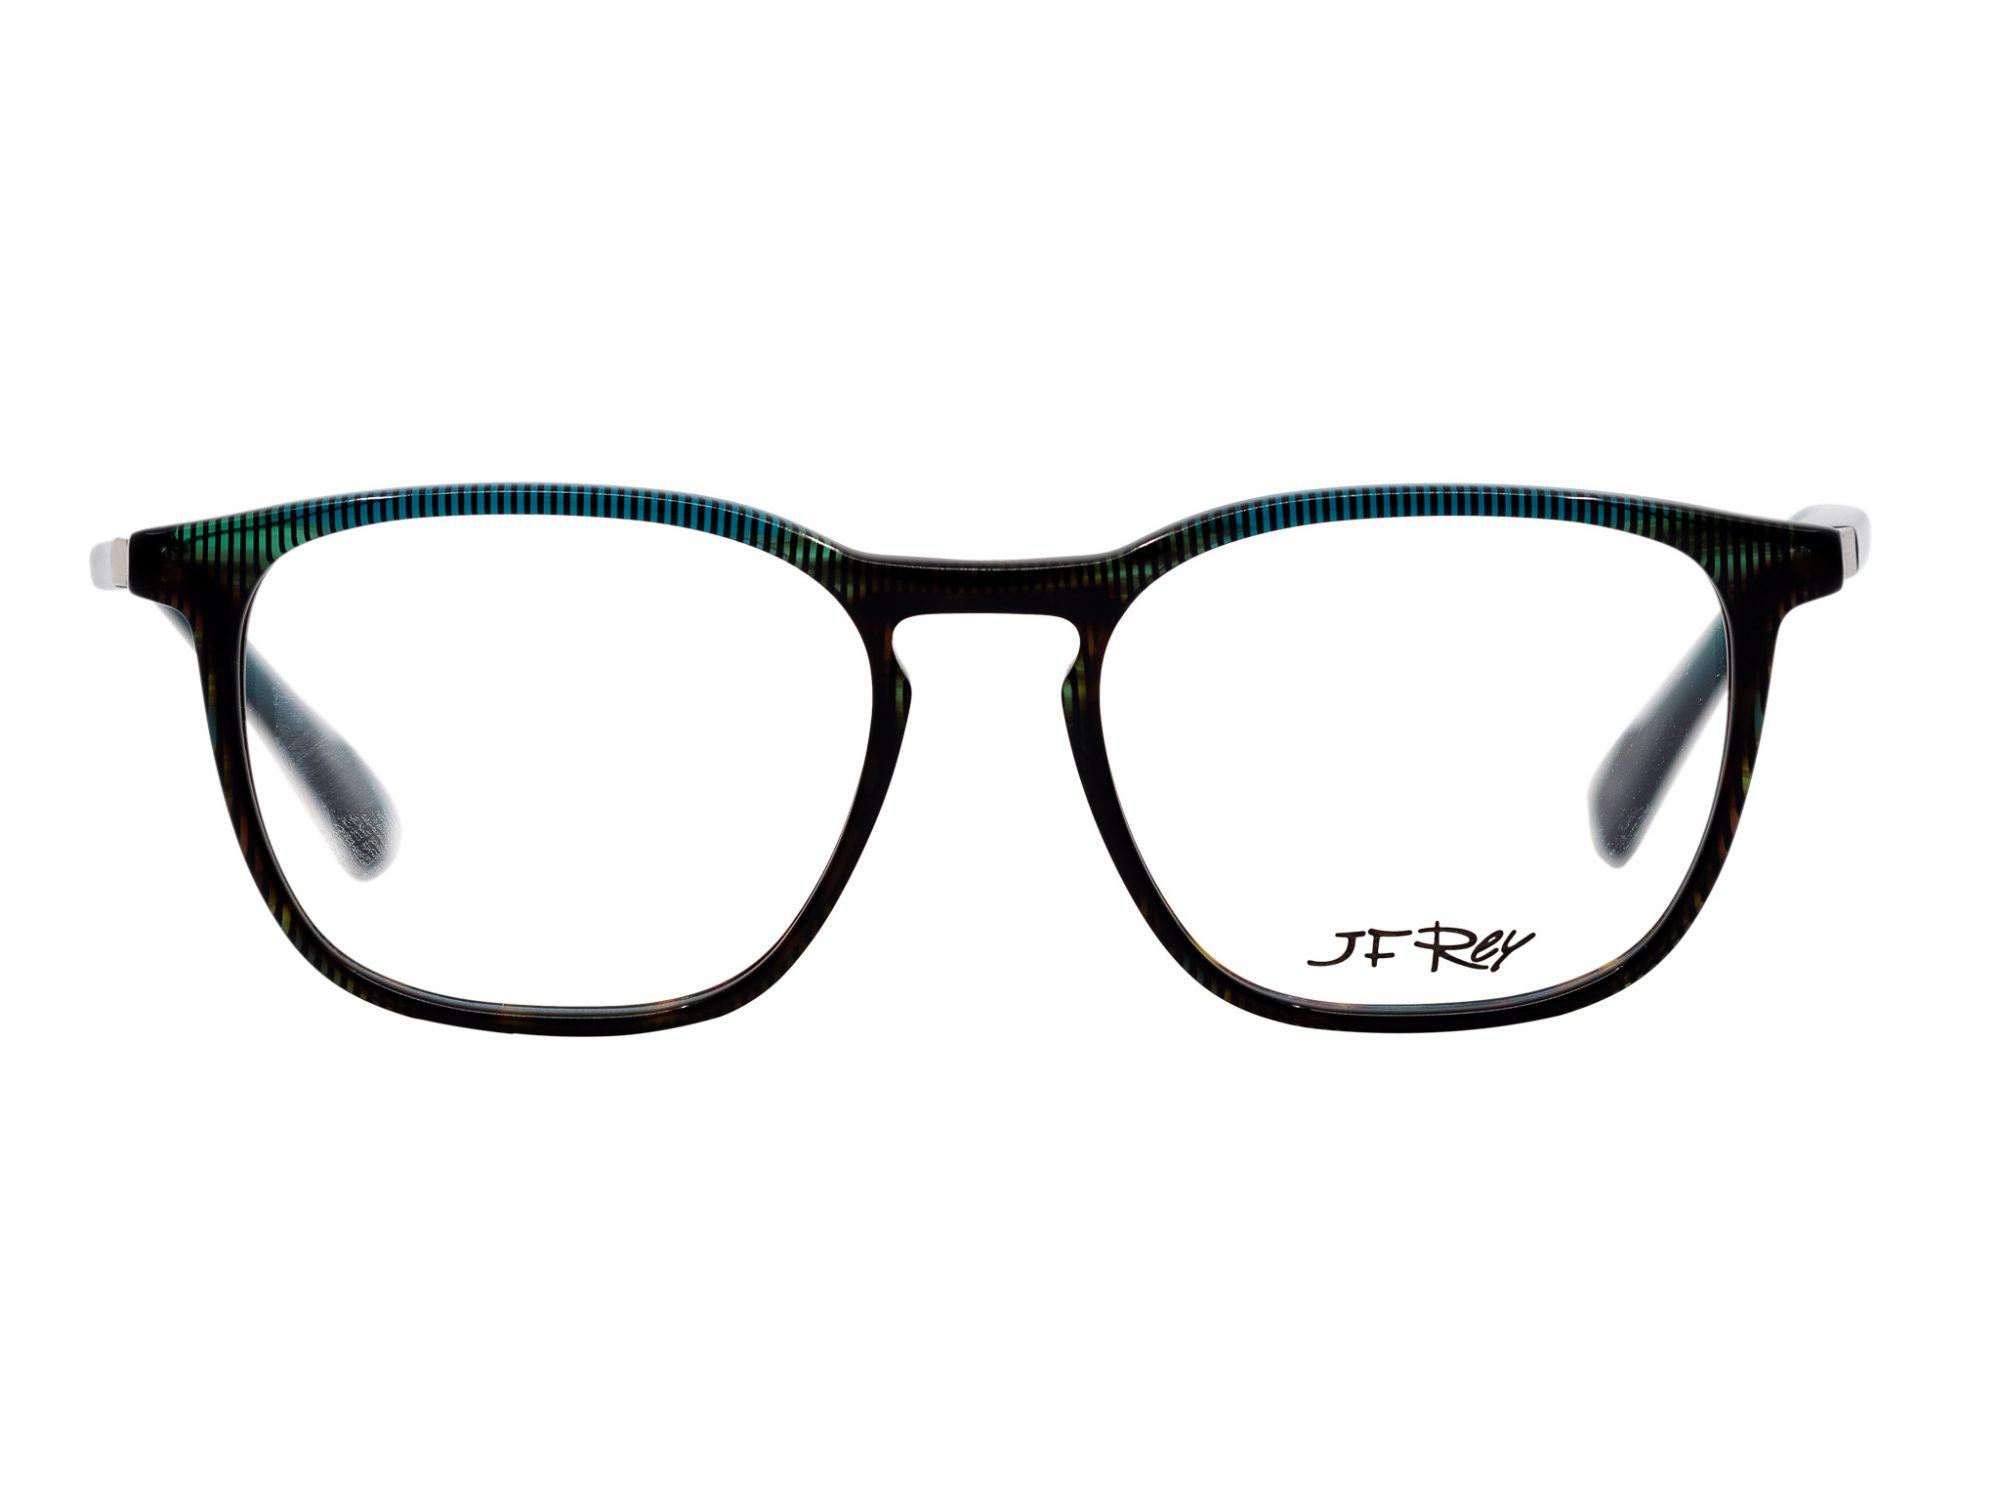 JF Rey JF14992095